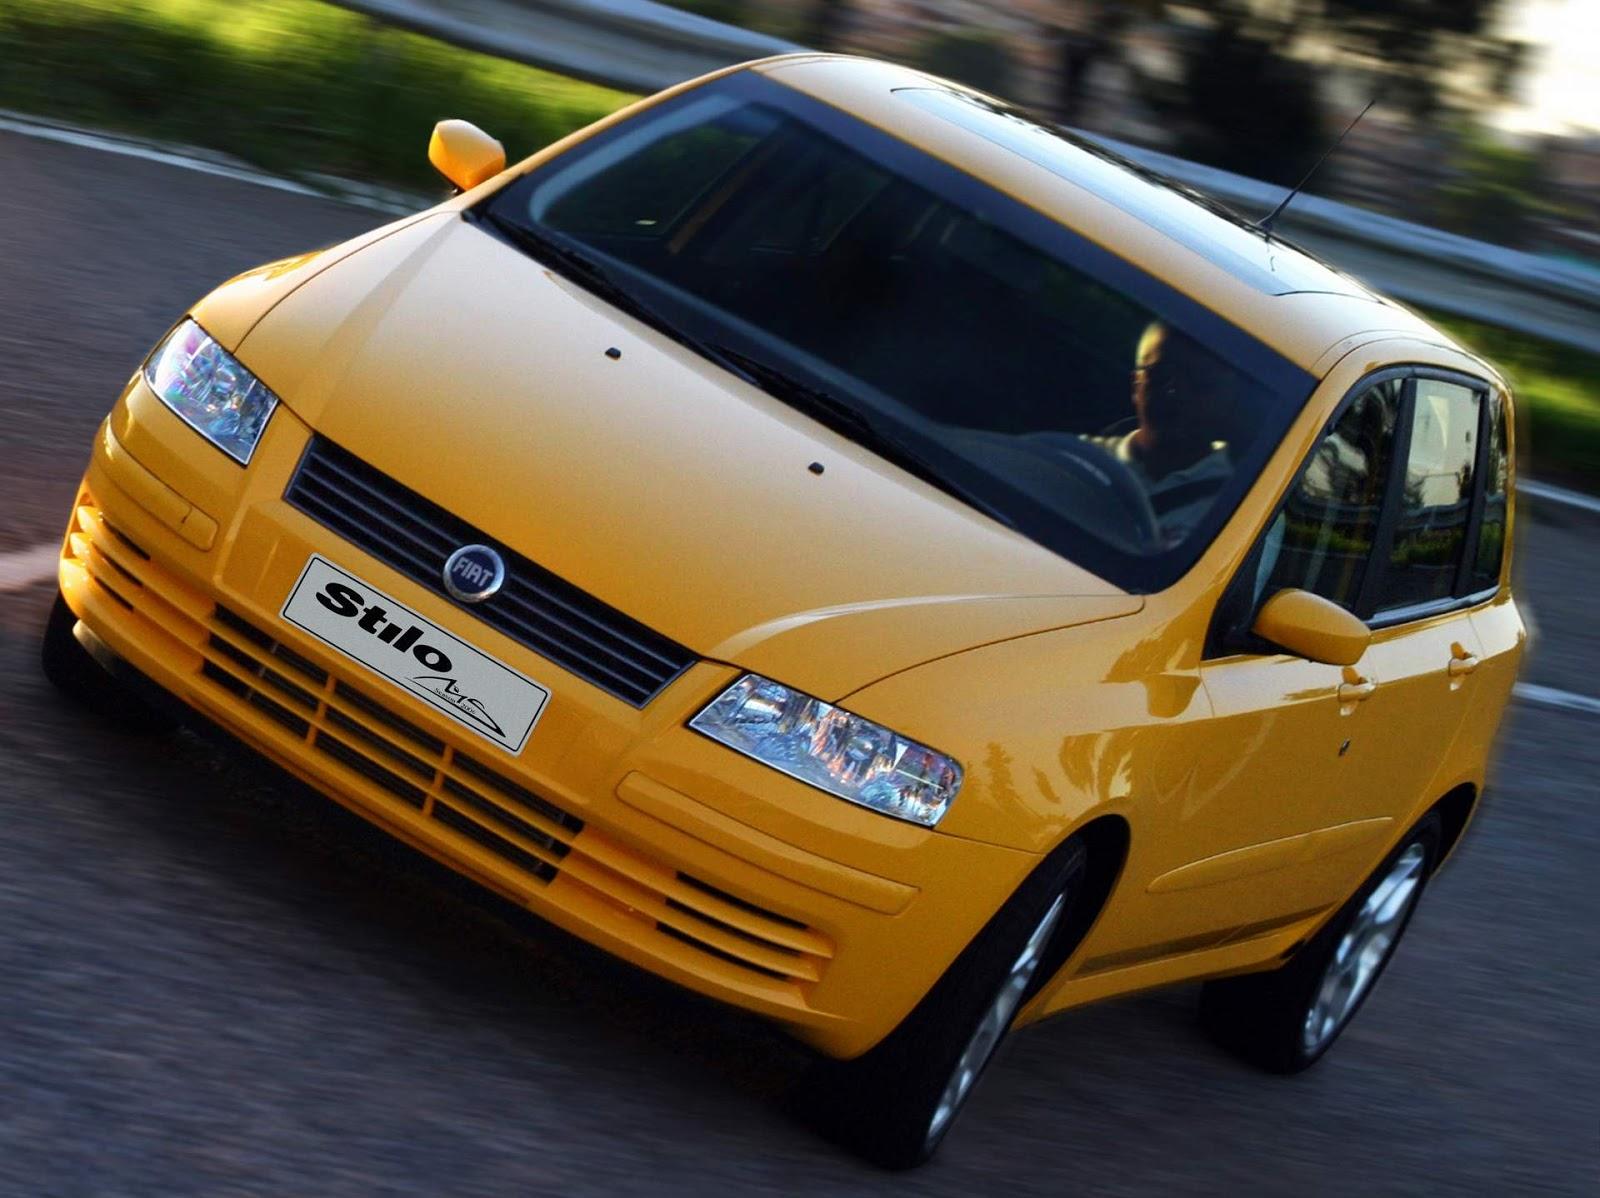 Fiat Stilo Schumacher 2007